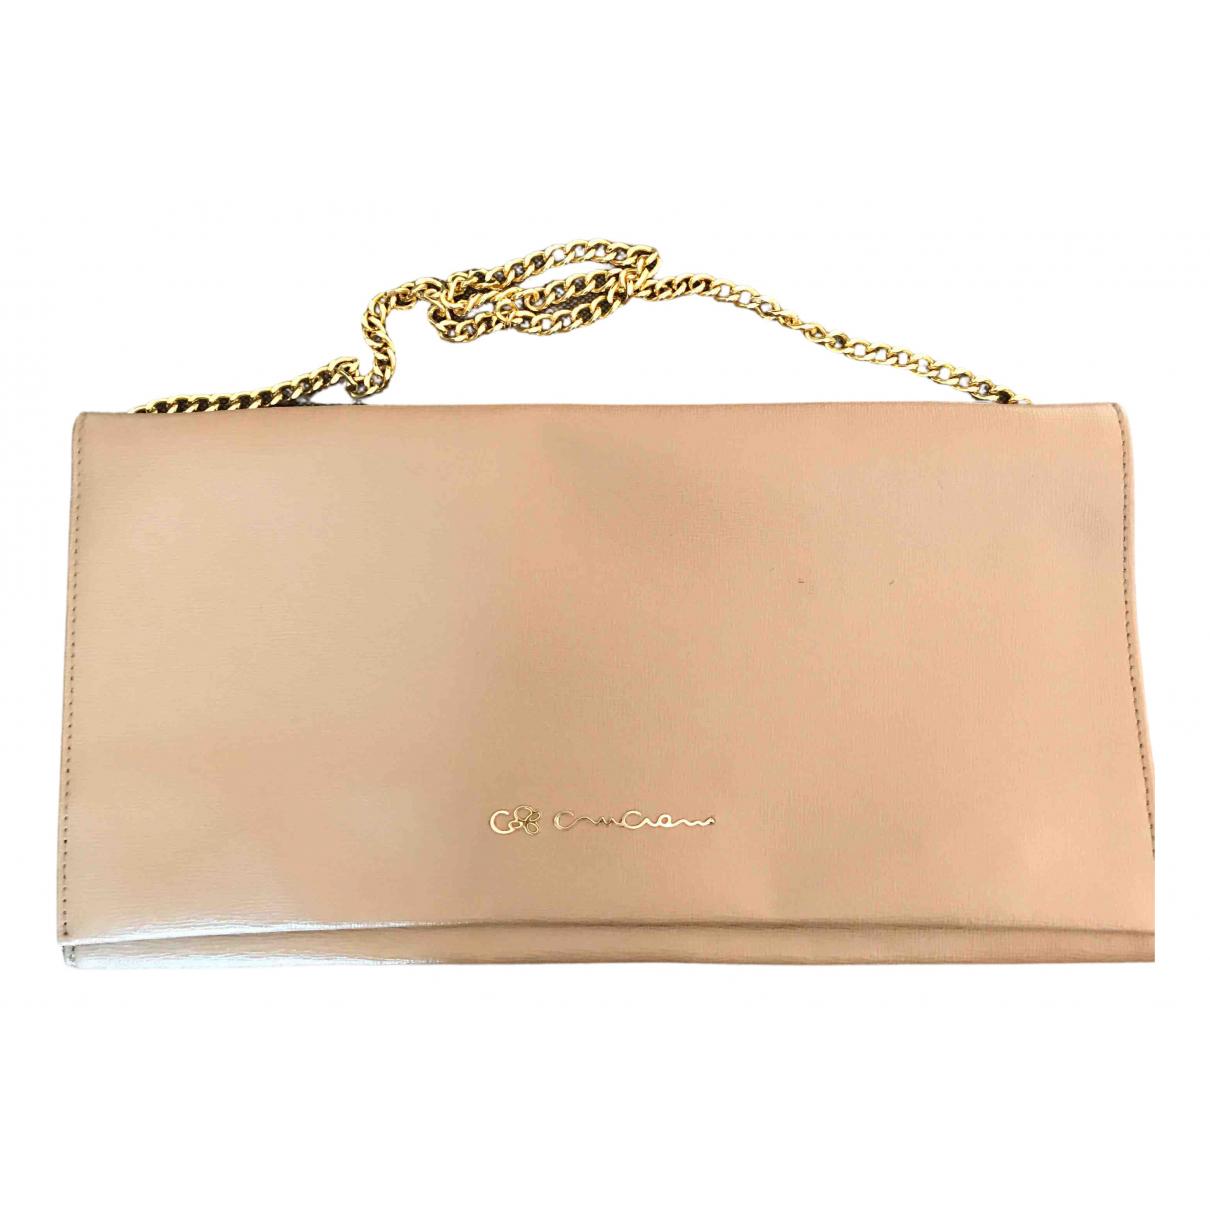 Cruciani \N Handtasche in  Ecru Leder